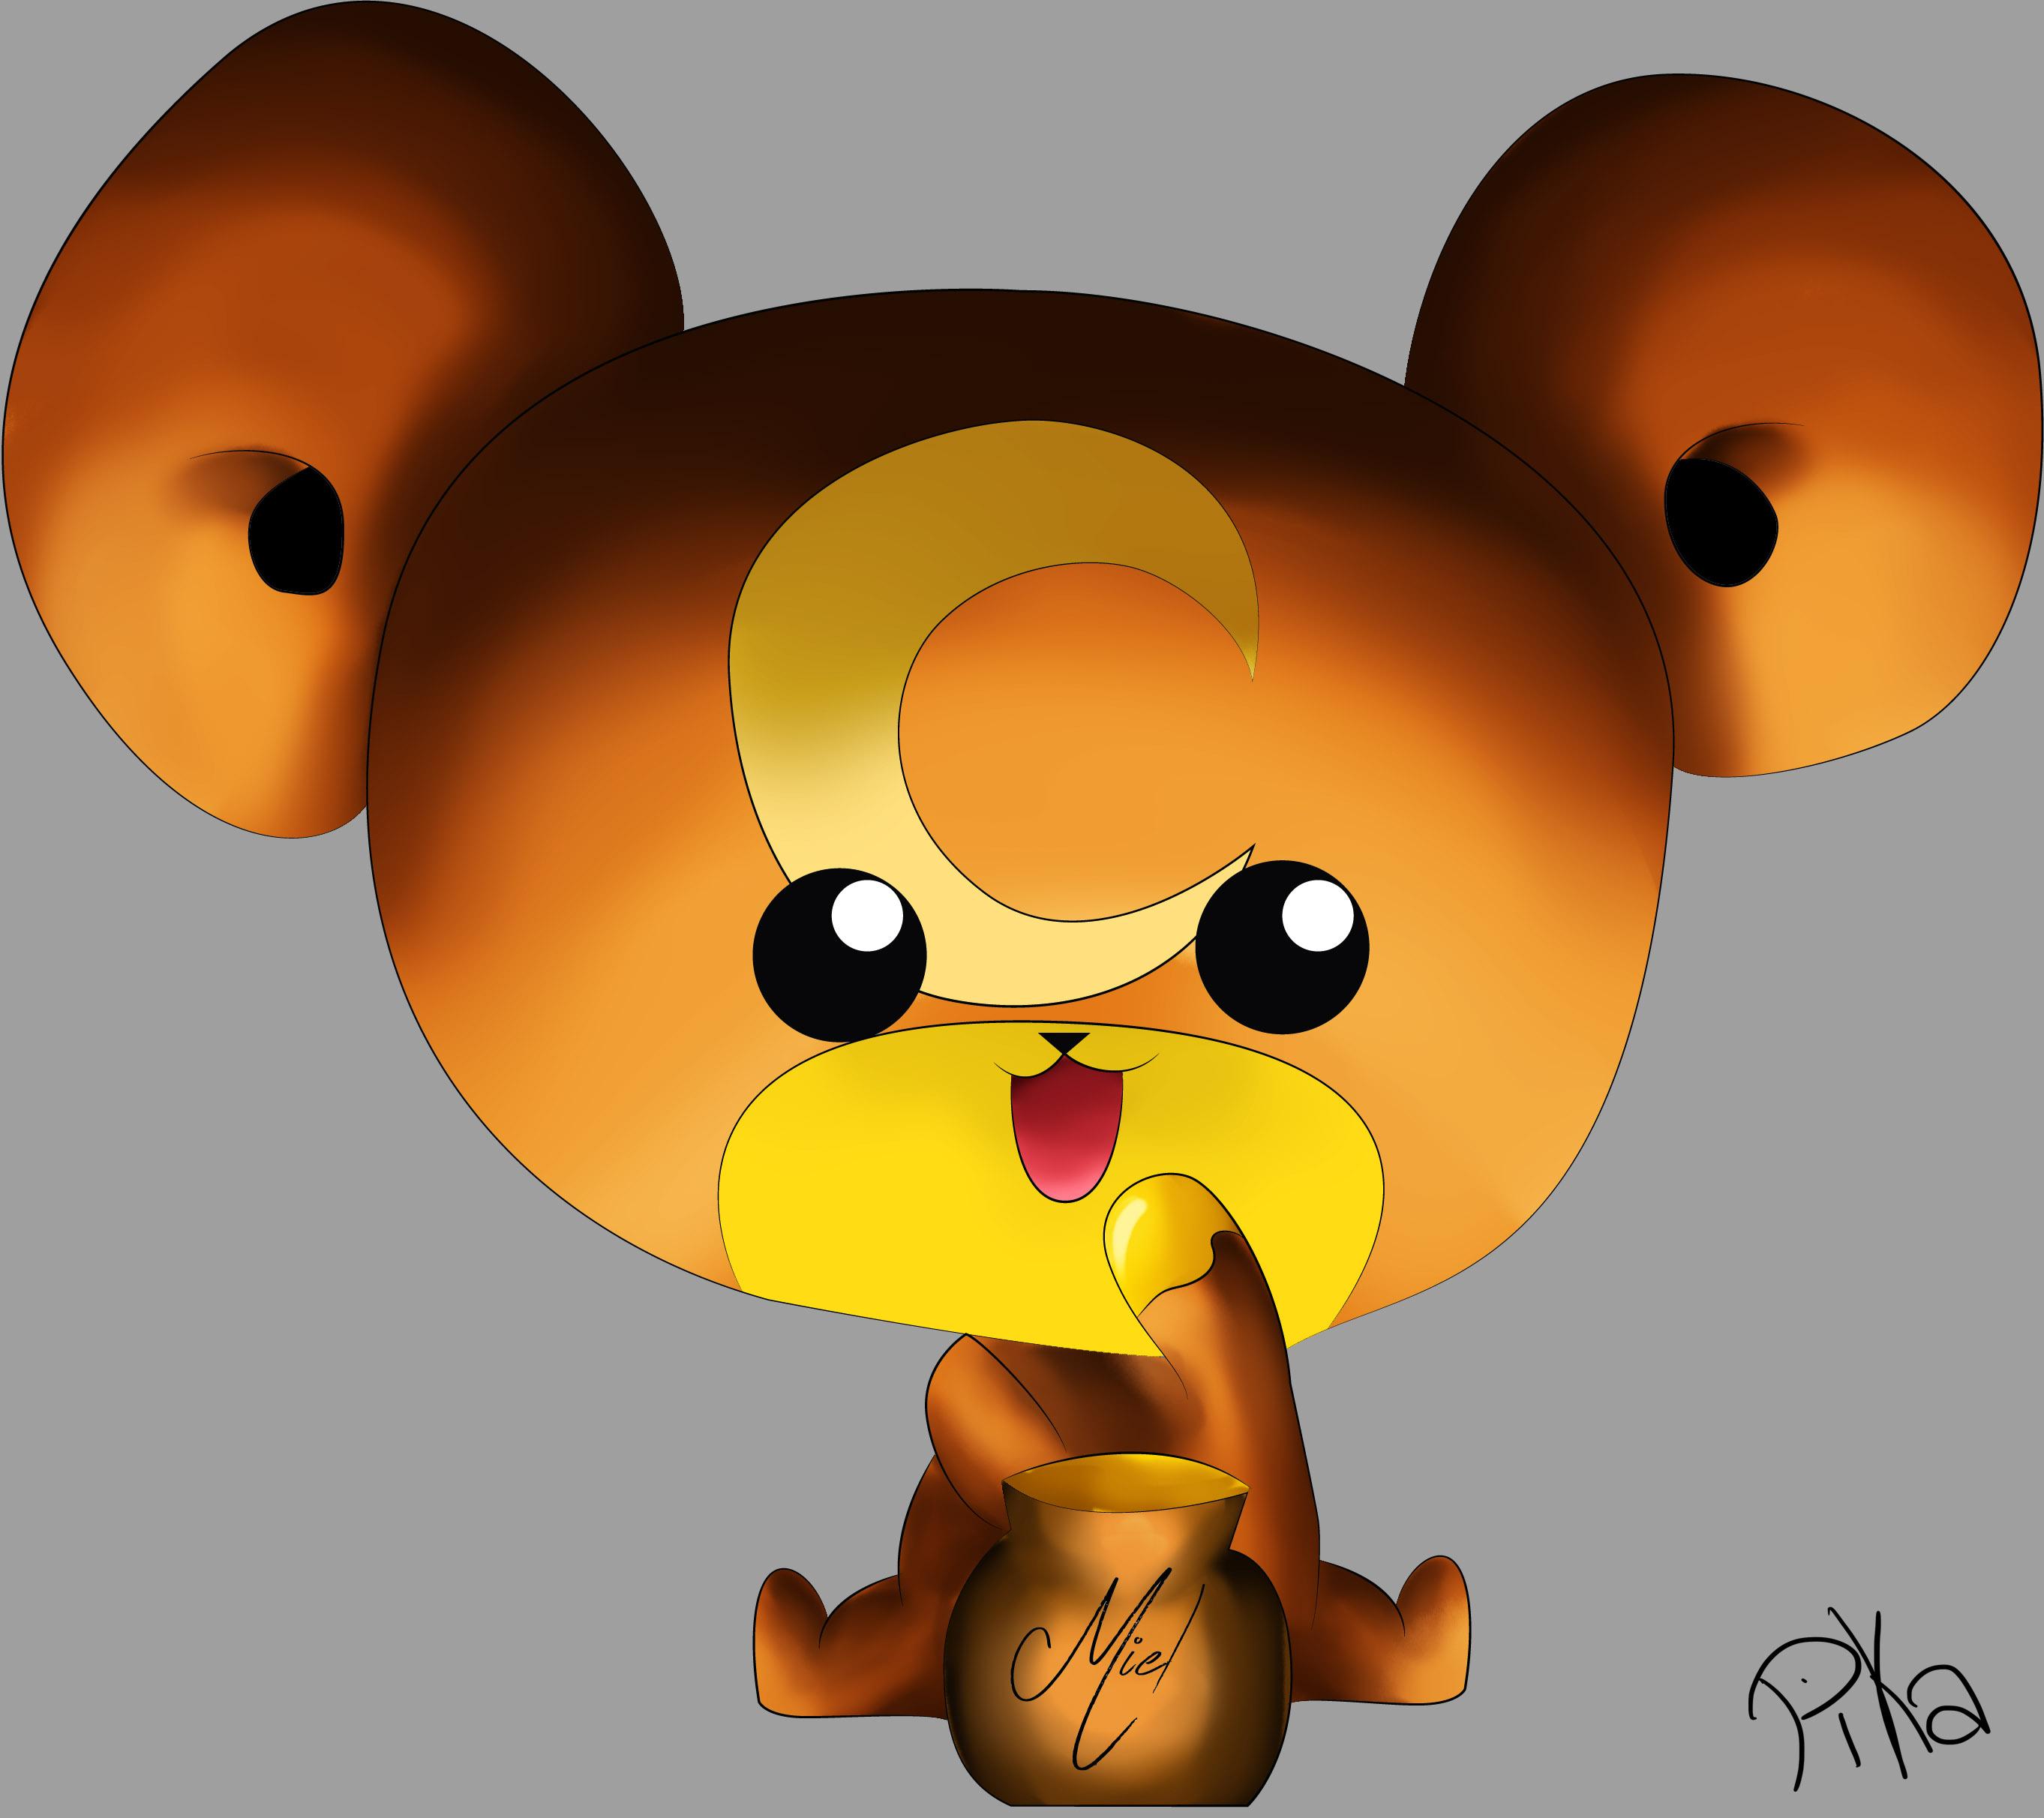 Dessin Teddiursa de Pikachette59